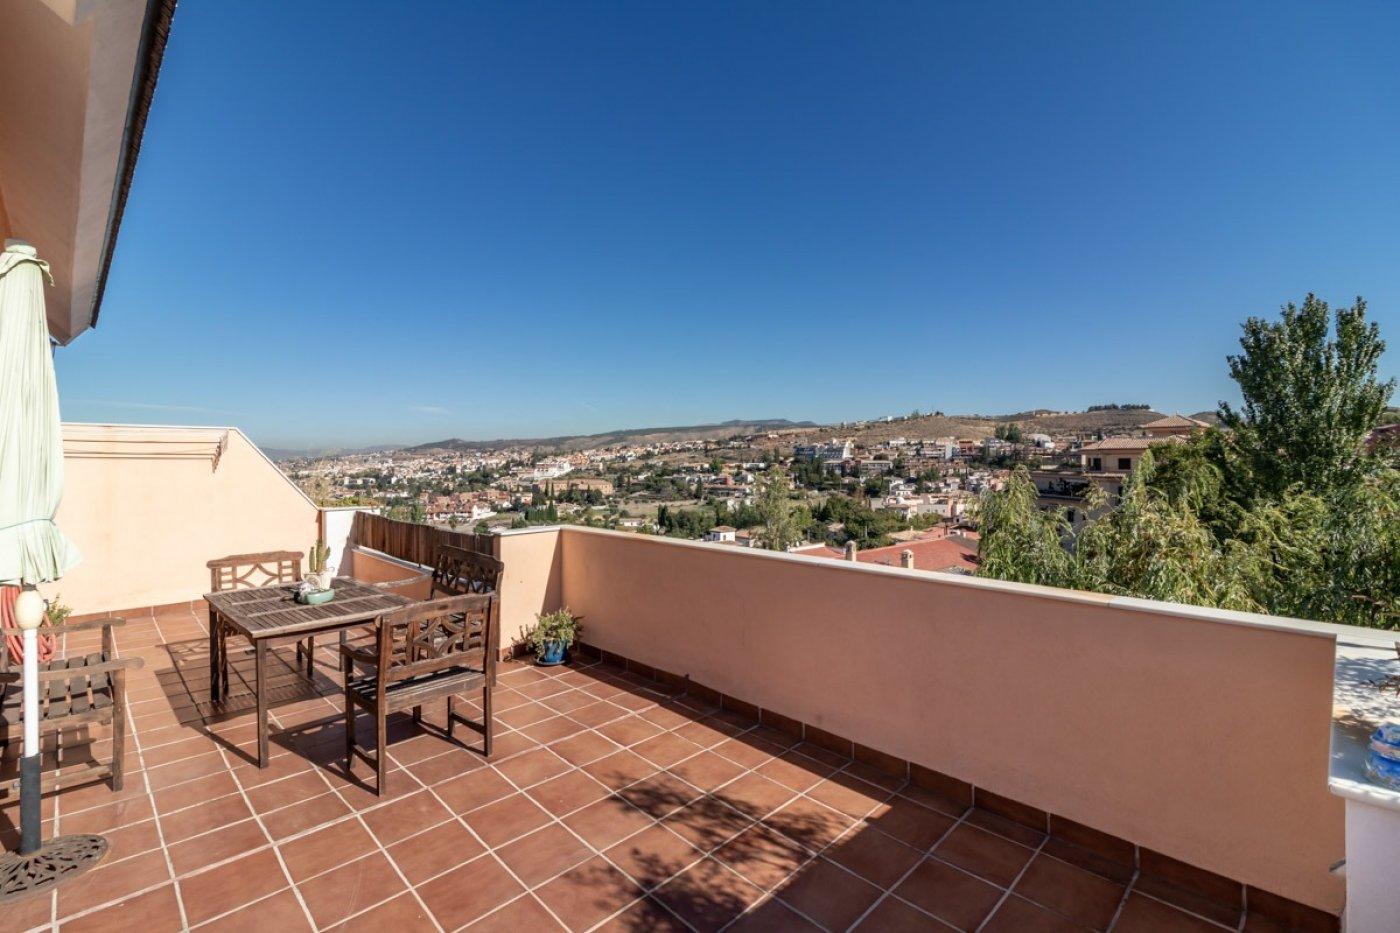 Precioso ático dúplex con gran terraza en el barrio de monachil